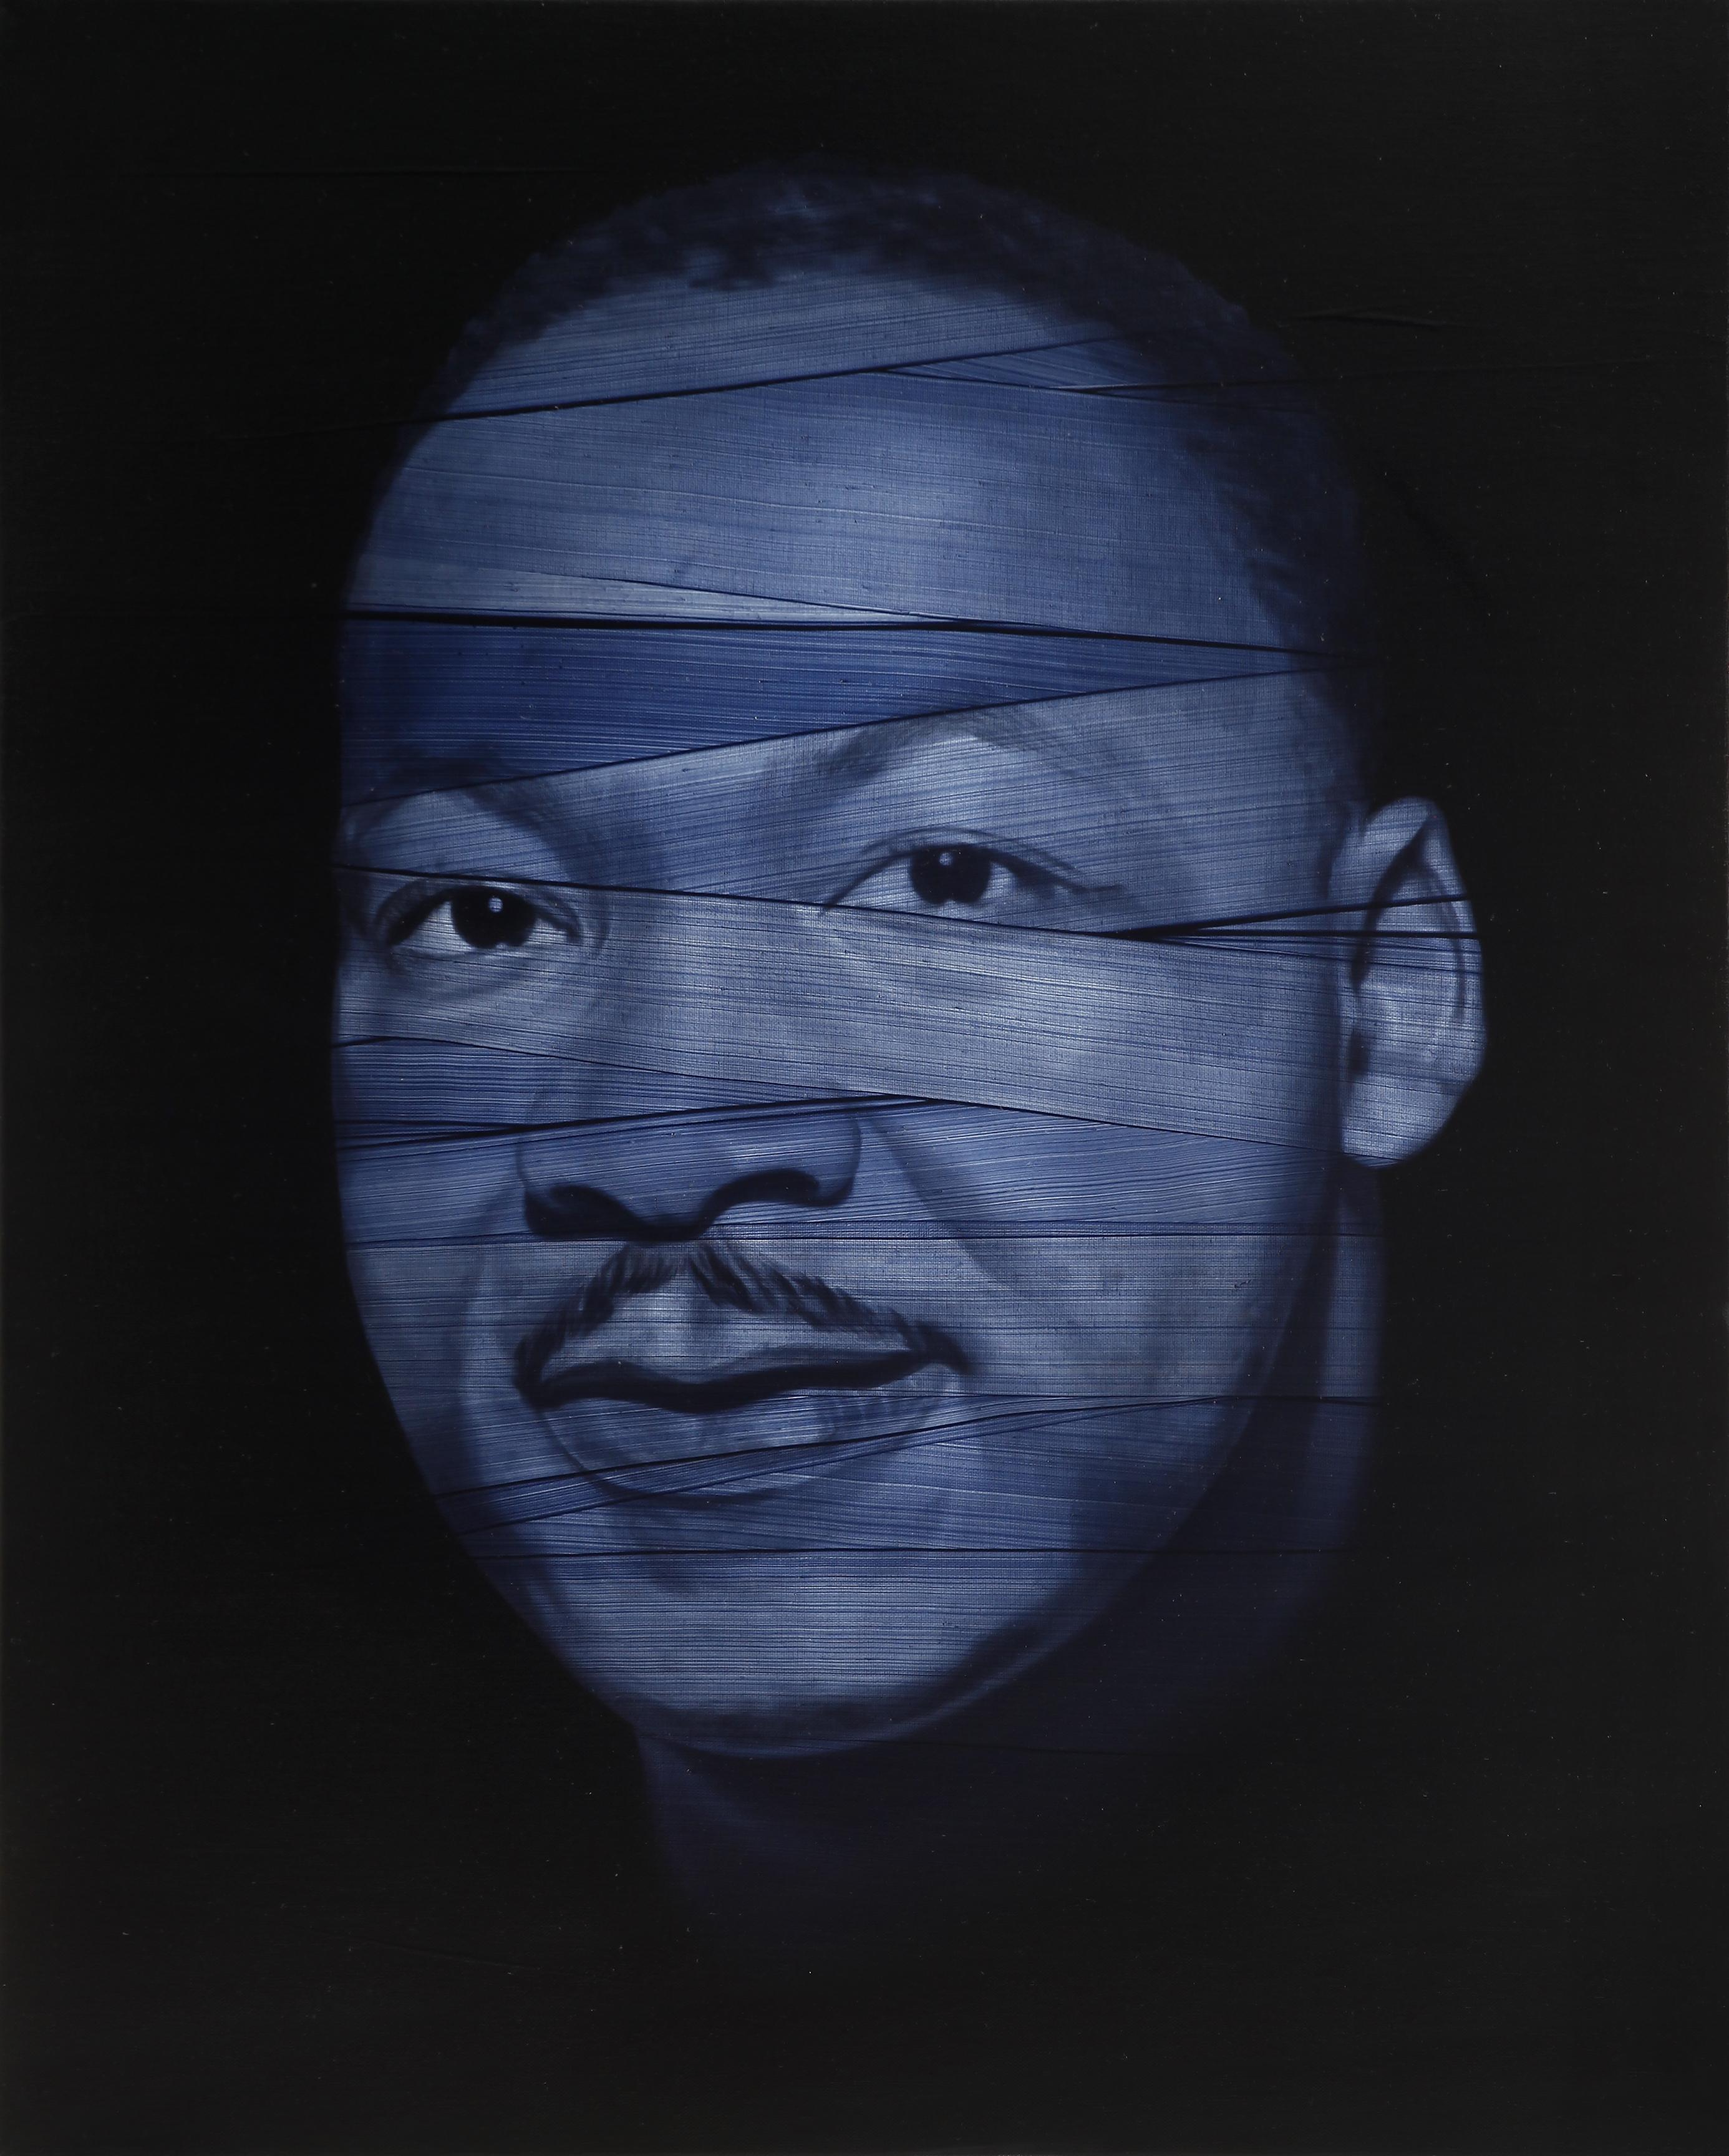 刹那無常 - Martin Luther King